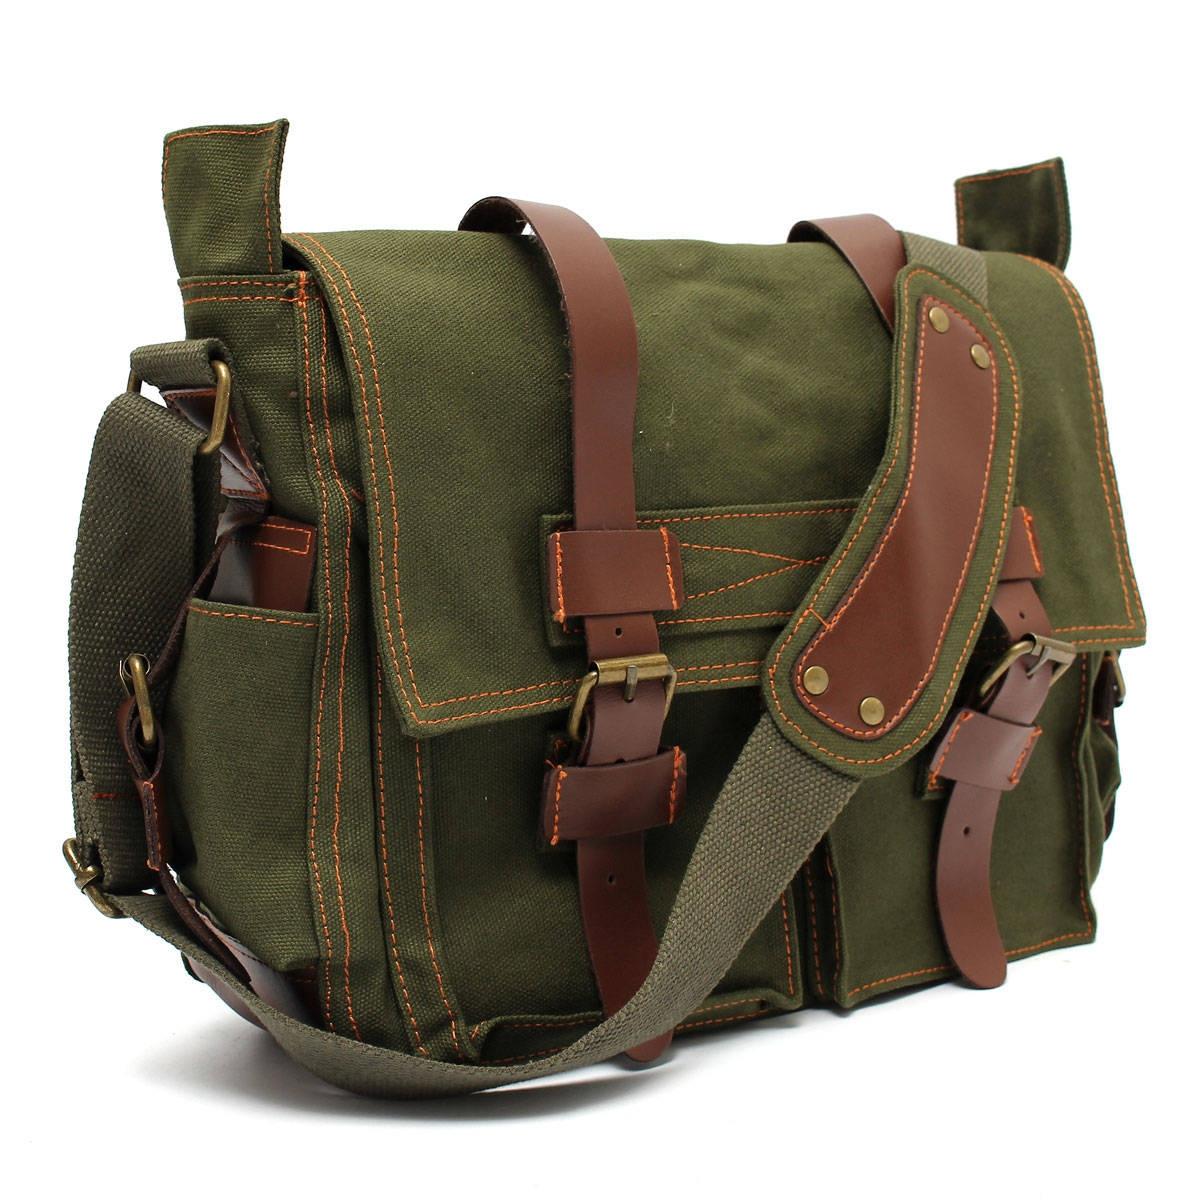 974e7573f7b4 Vintage Canvas Shoulder Messenger Bag